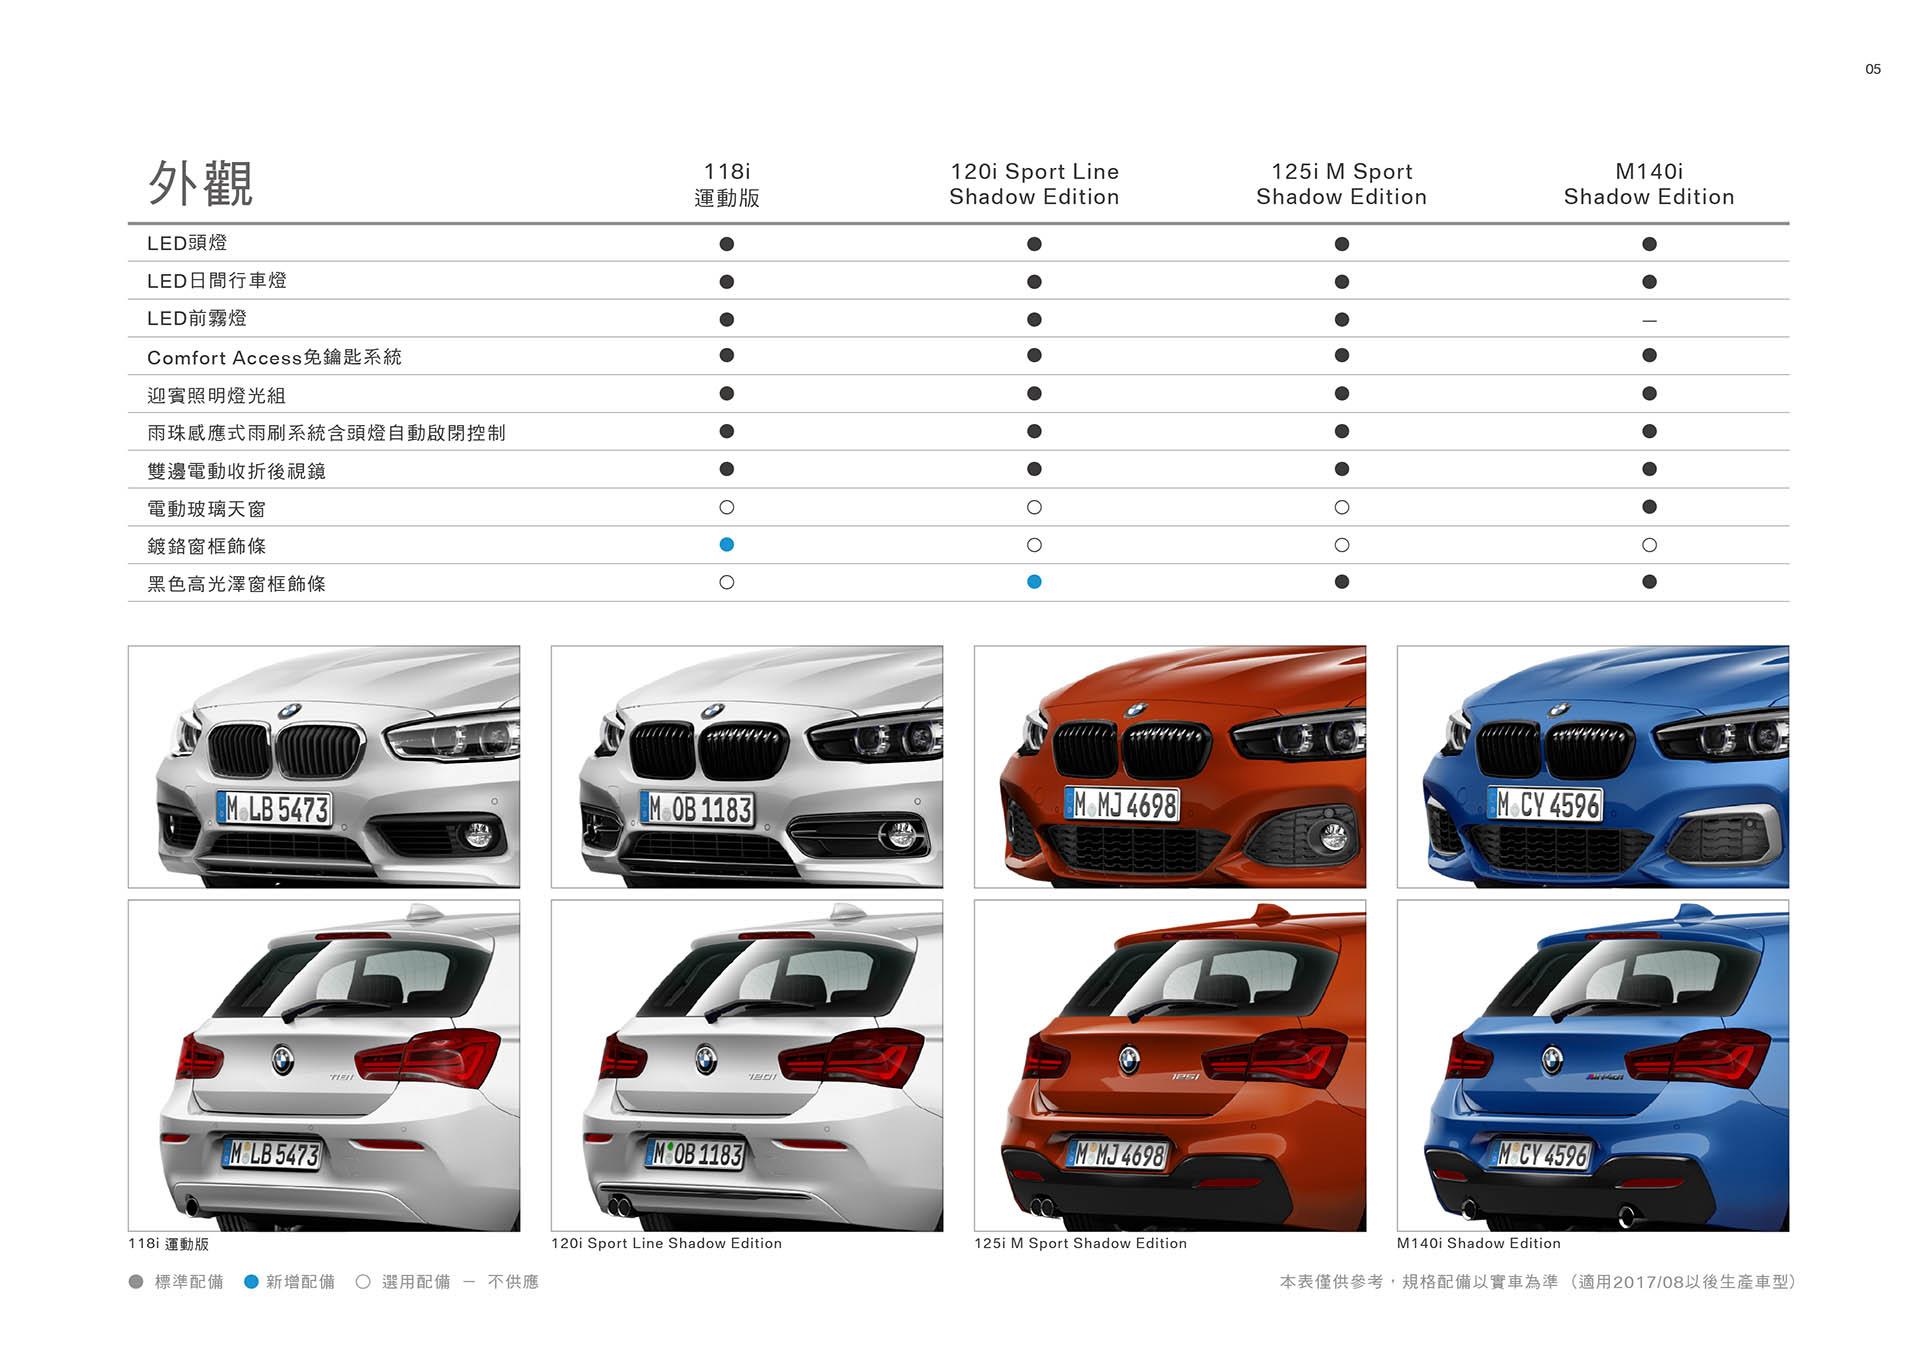 20170306 一系列F20規格配備表